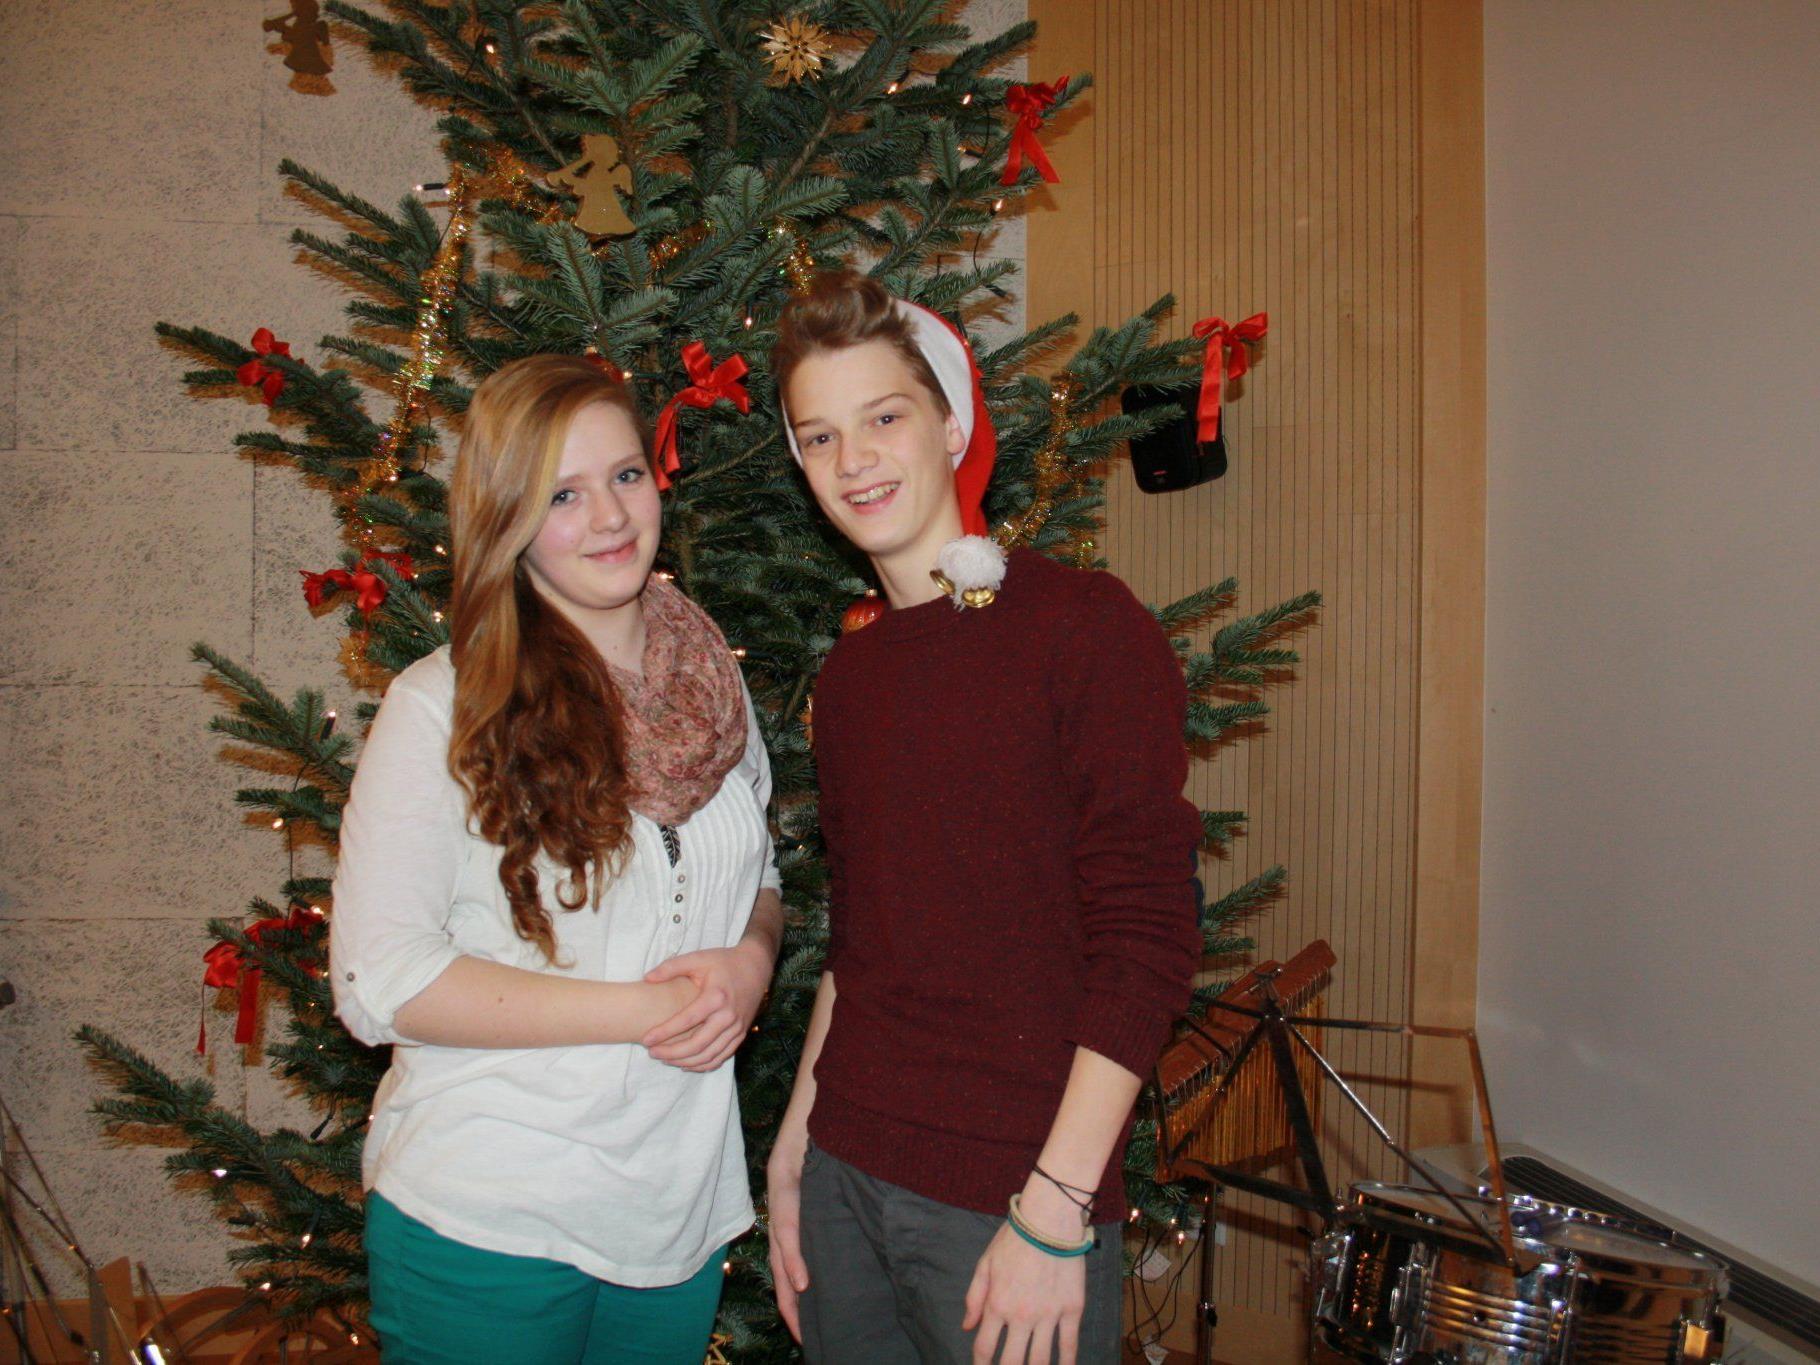 """Unter dem Motto """"Winter Wonderland"""" stand die zauberhafte Weihnachtsfeier des MV Concordia"""